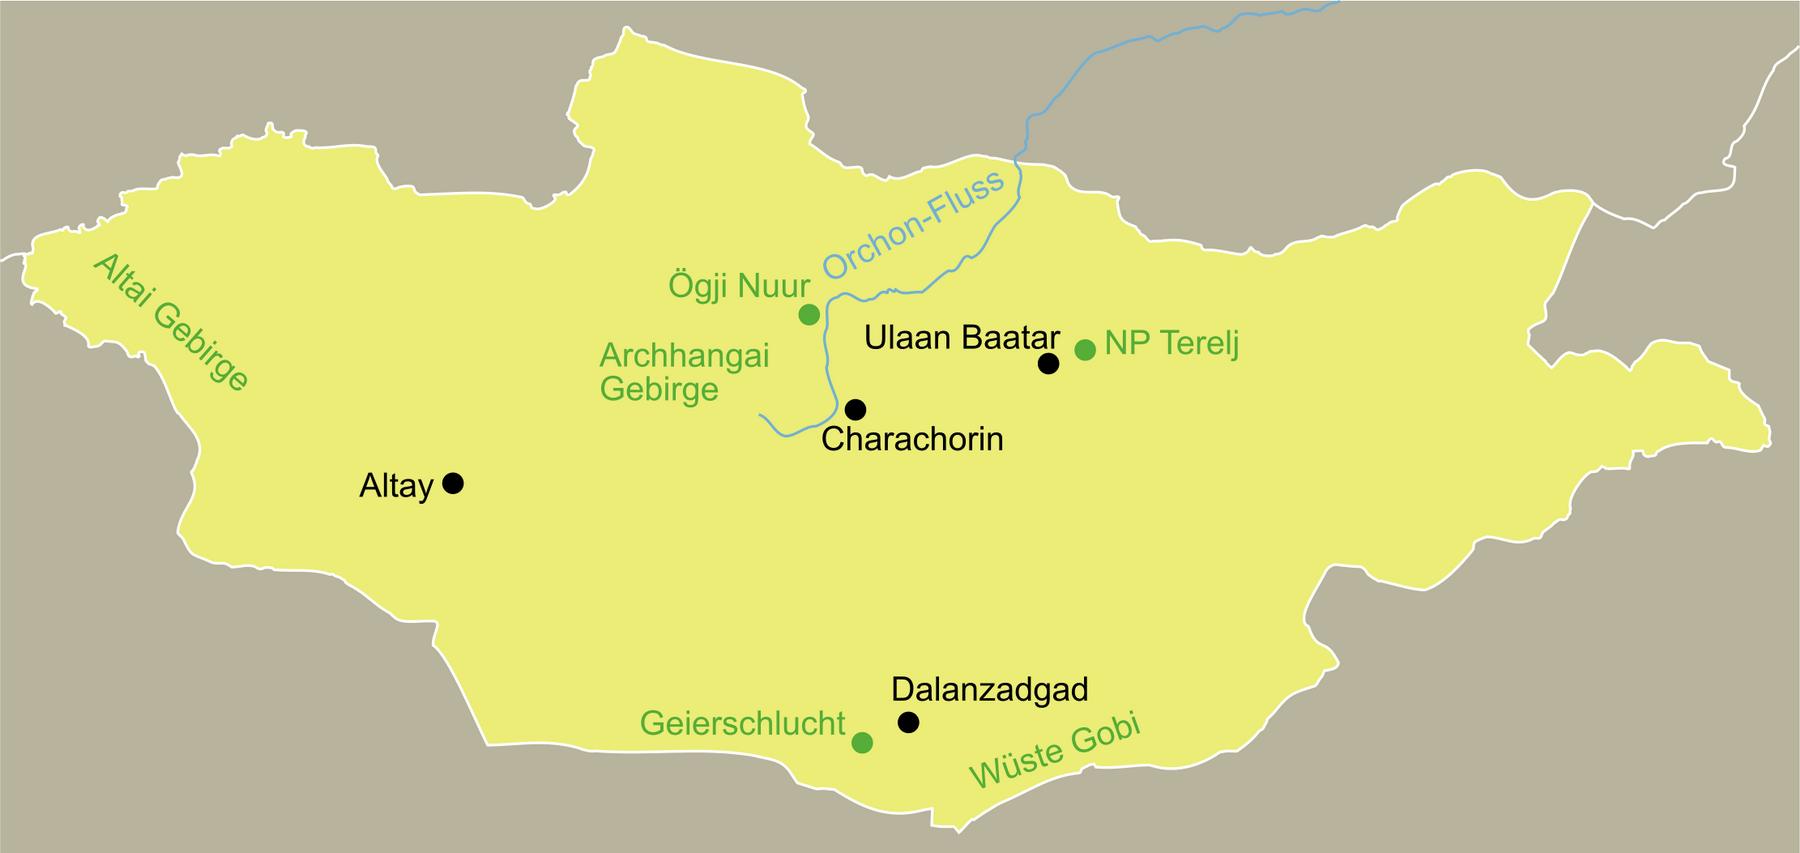 Mongolei Traumurlaub anspruchsvoll mit dem Reiseveranstalter reisefieber planen und reisen.